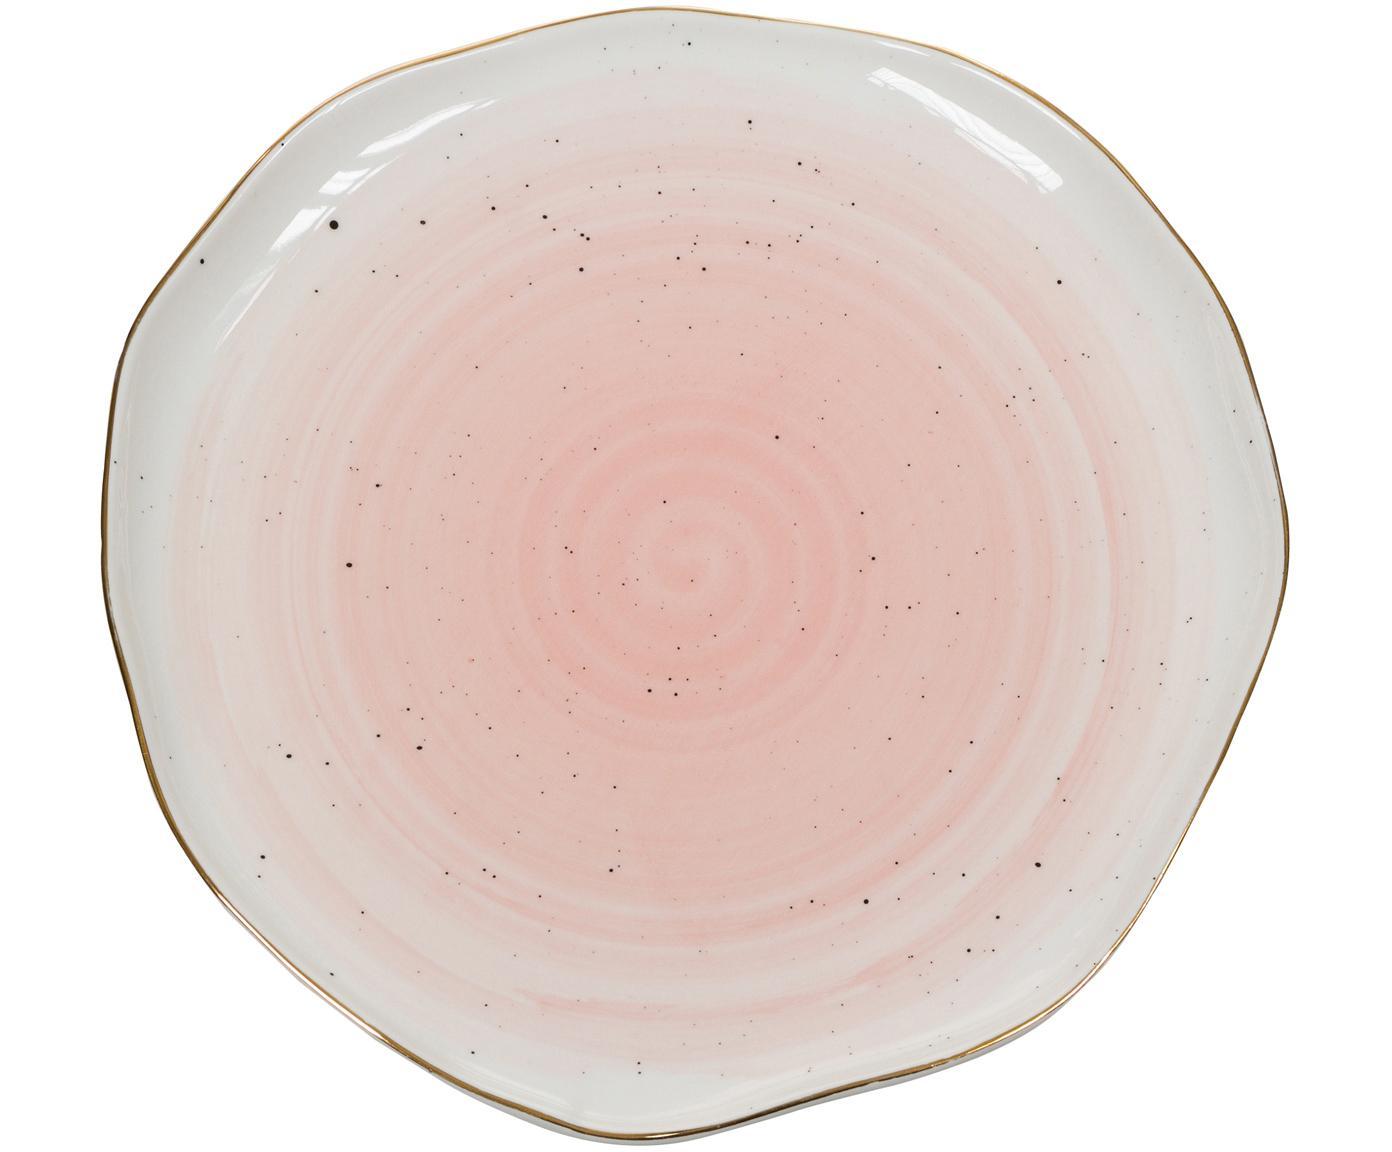 Handgemachte Speiseteller Bol mit Goldrand, 2 Stück, Porzellan, Rosa, Ø 26 x H 3 cm